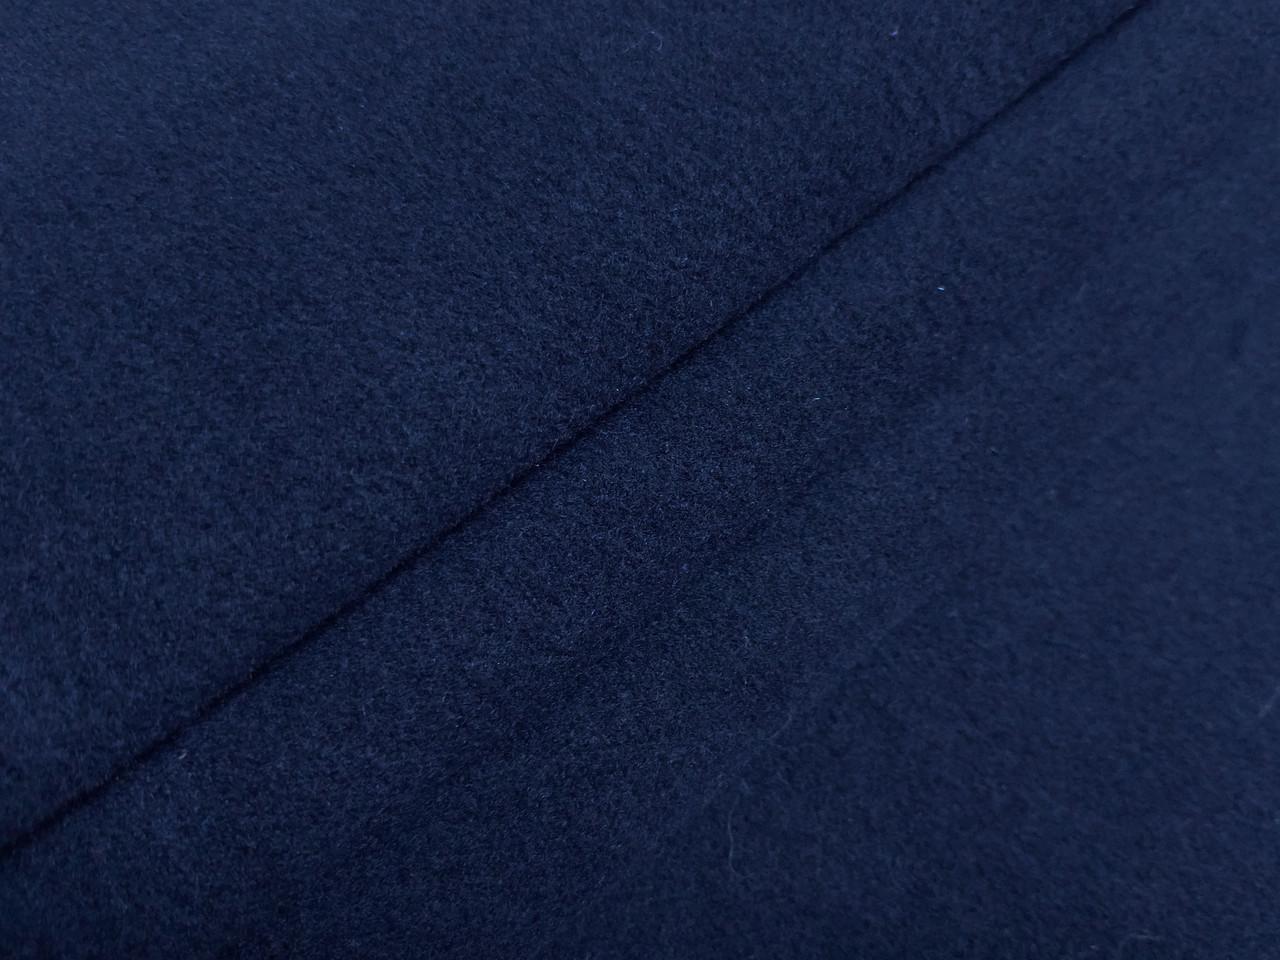 Кашемир пальтовый, темно-синий